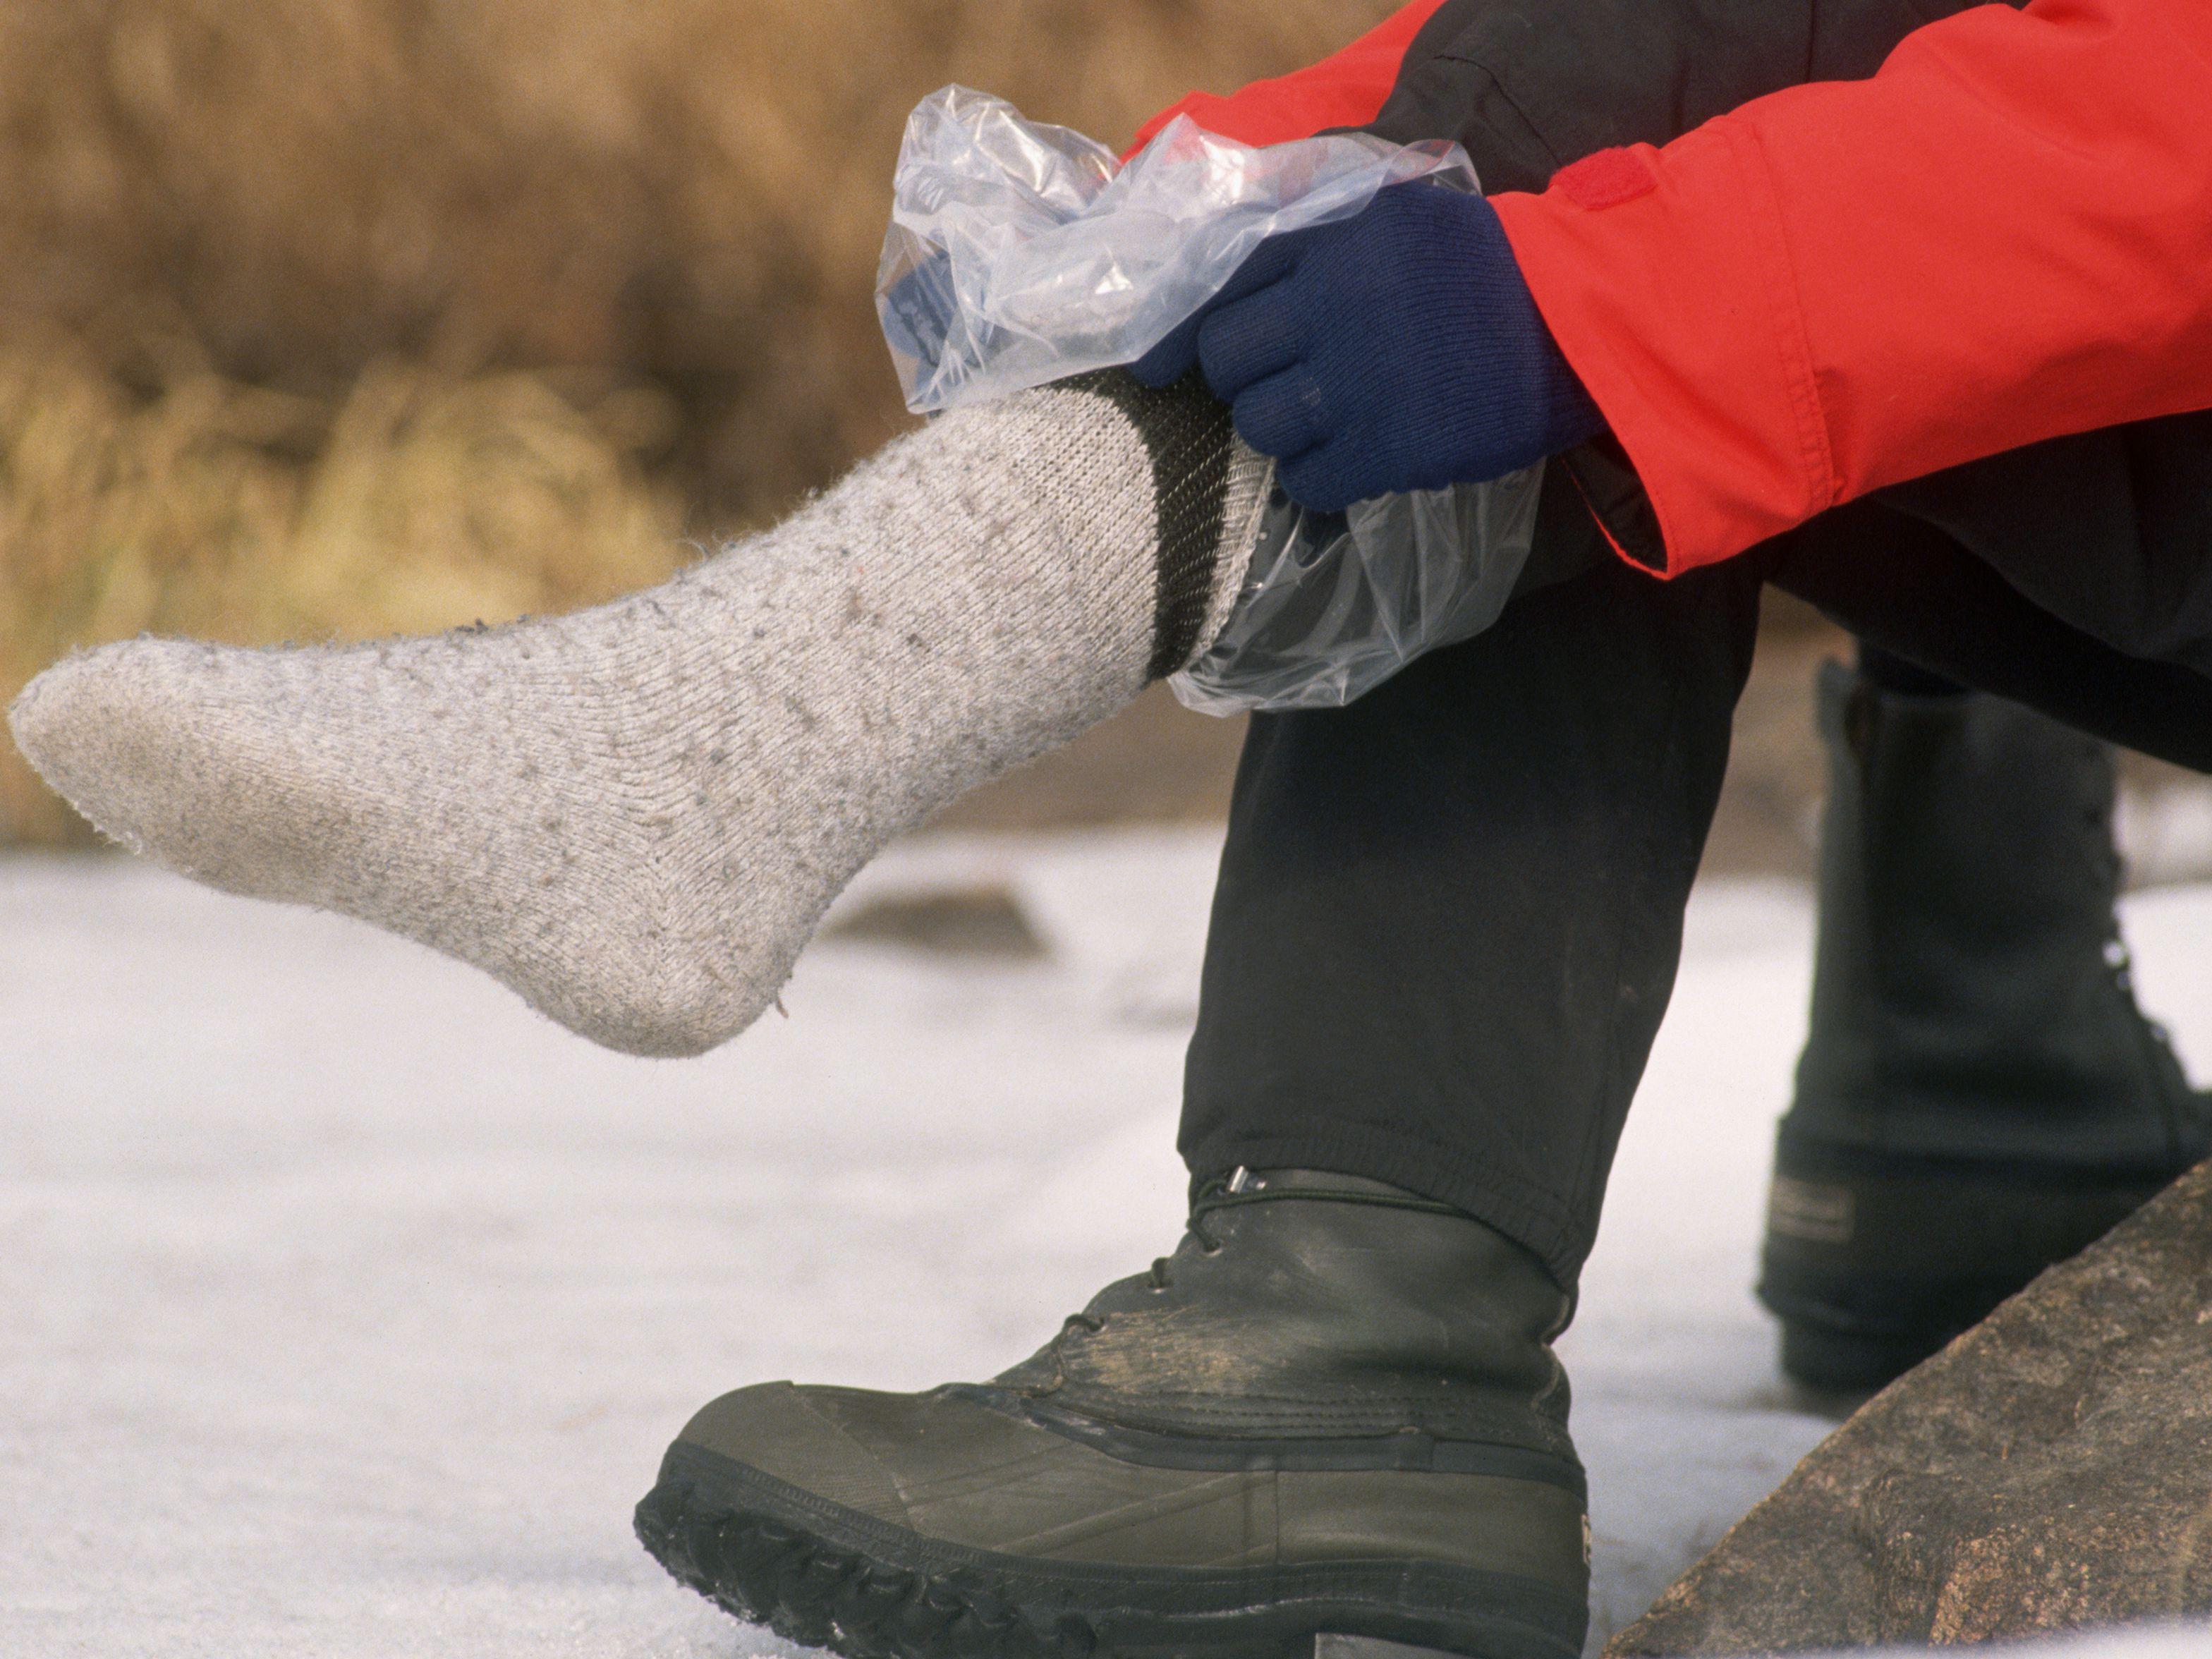 943353045d92 Best Hot Weather Dress Socks – DACC